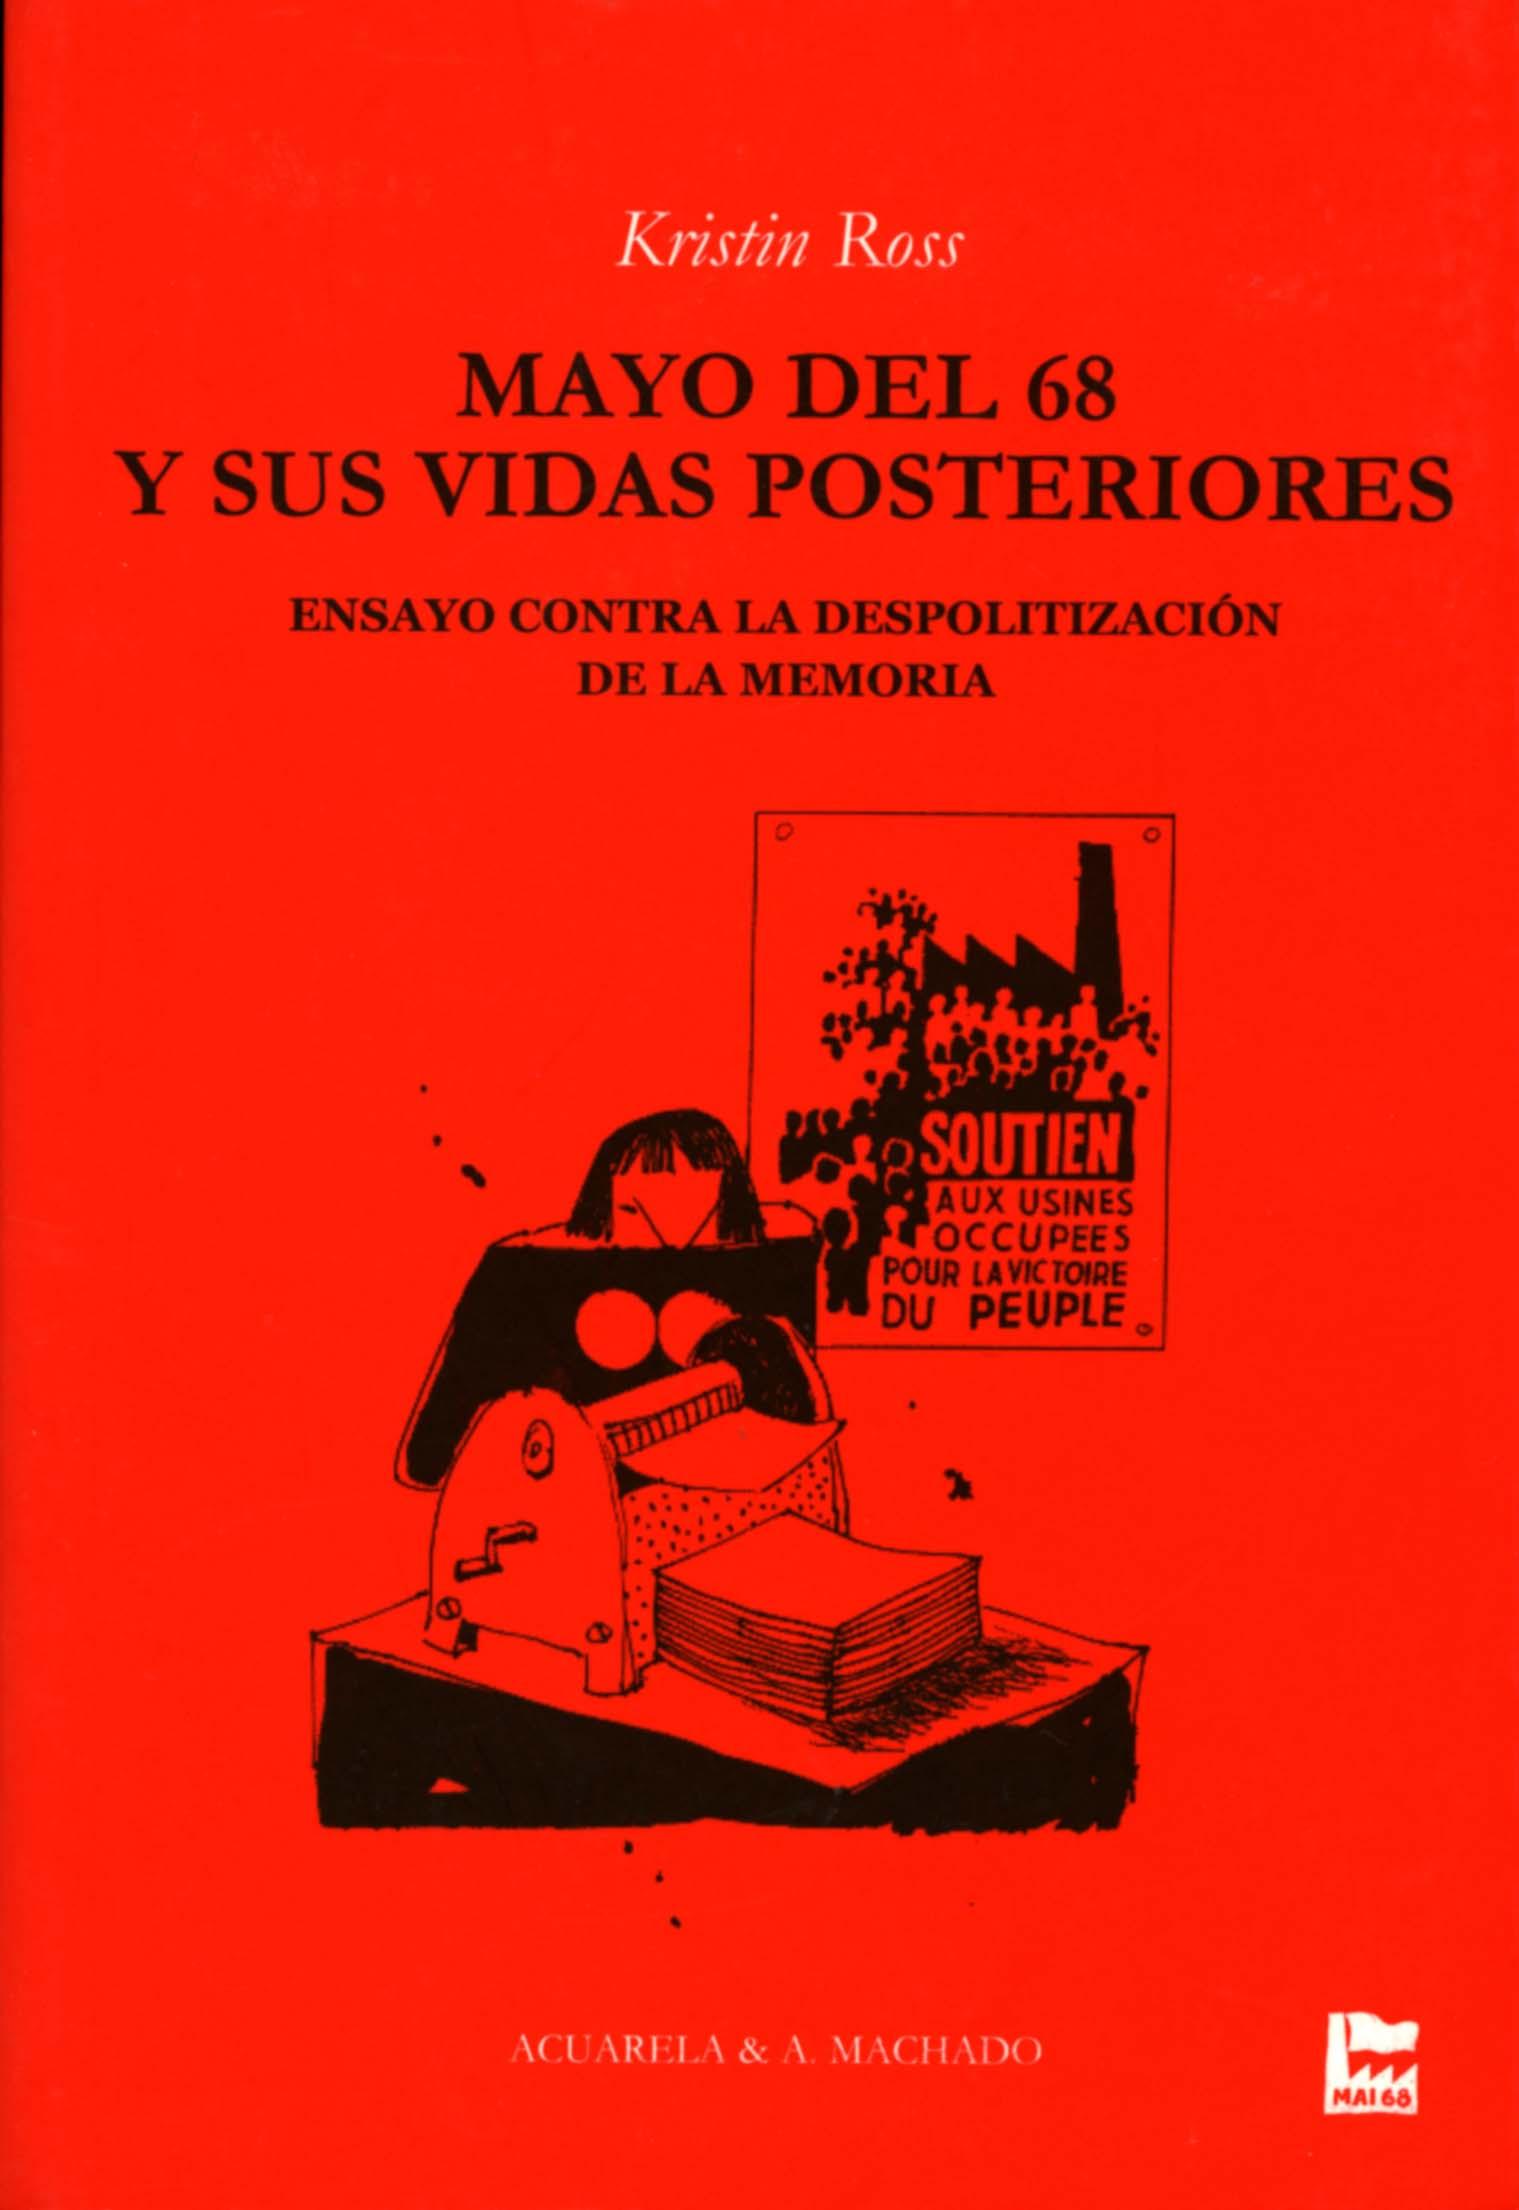 MAYO DEL 68 Y SUS VIDAS POSTERIORES - ROSS, KRISTIN